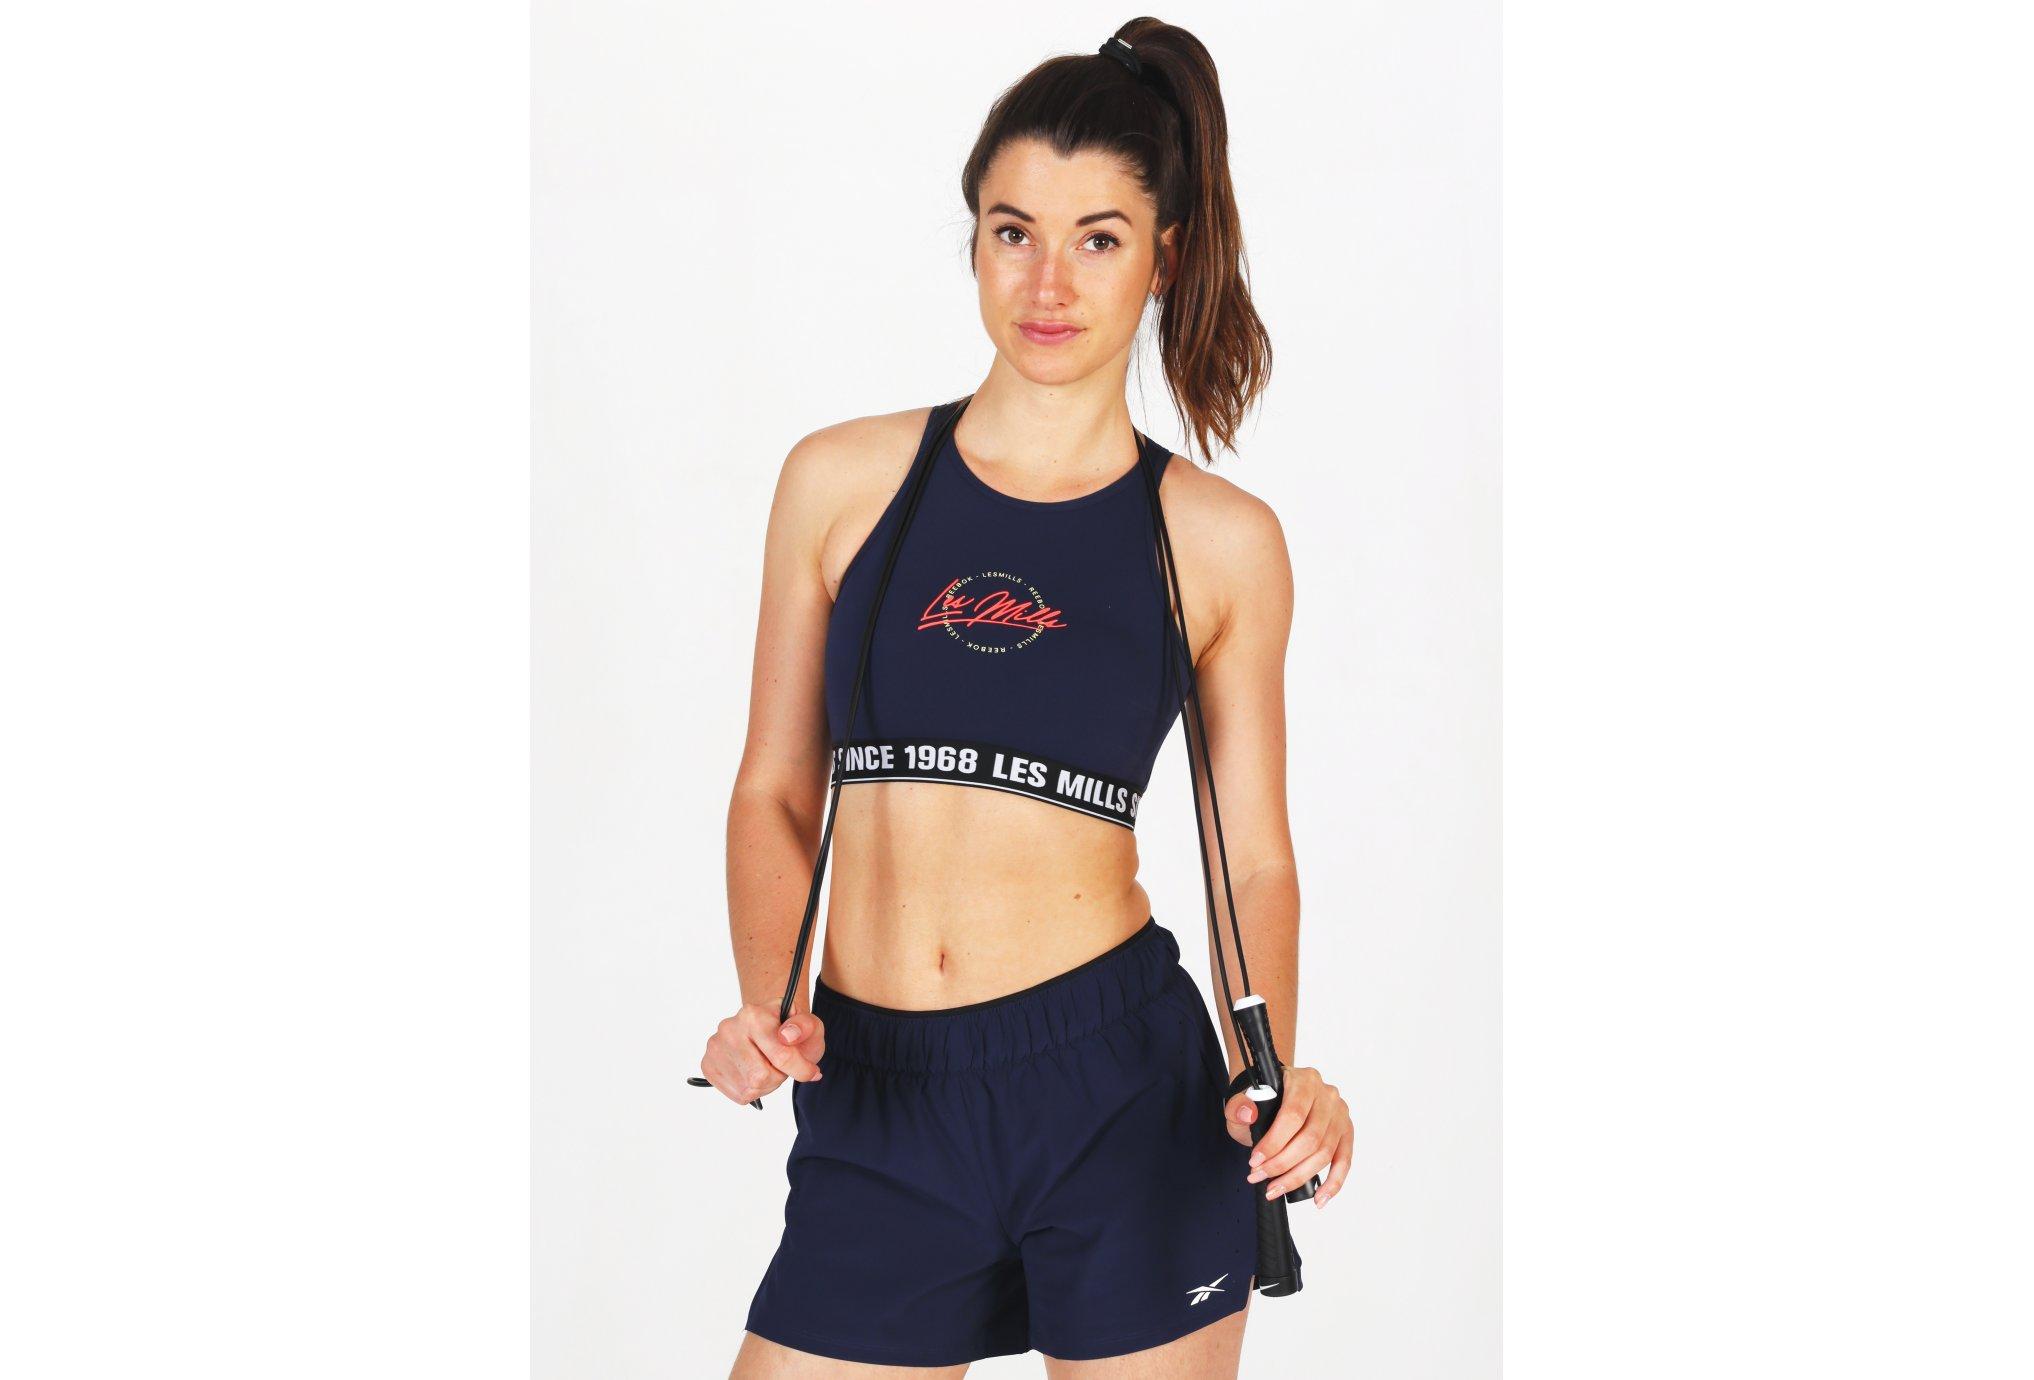 Reebok Les Mills Beyond The Sweat vêtement running femme